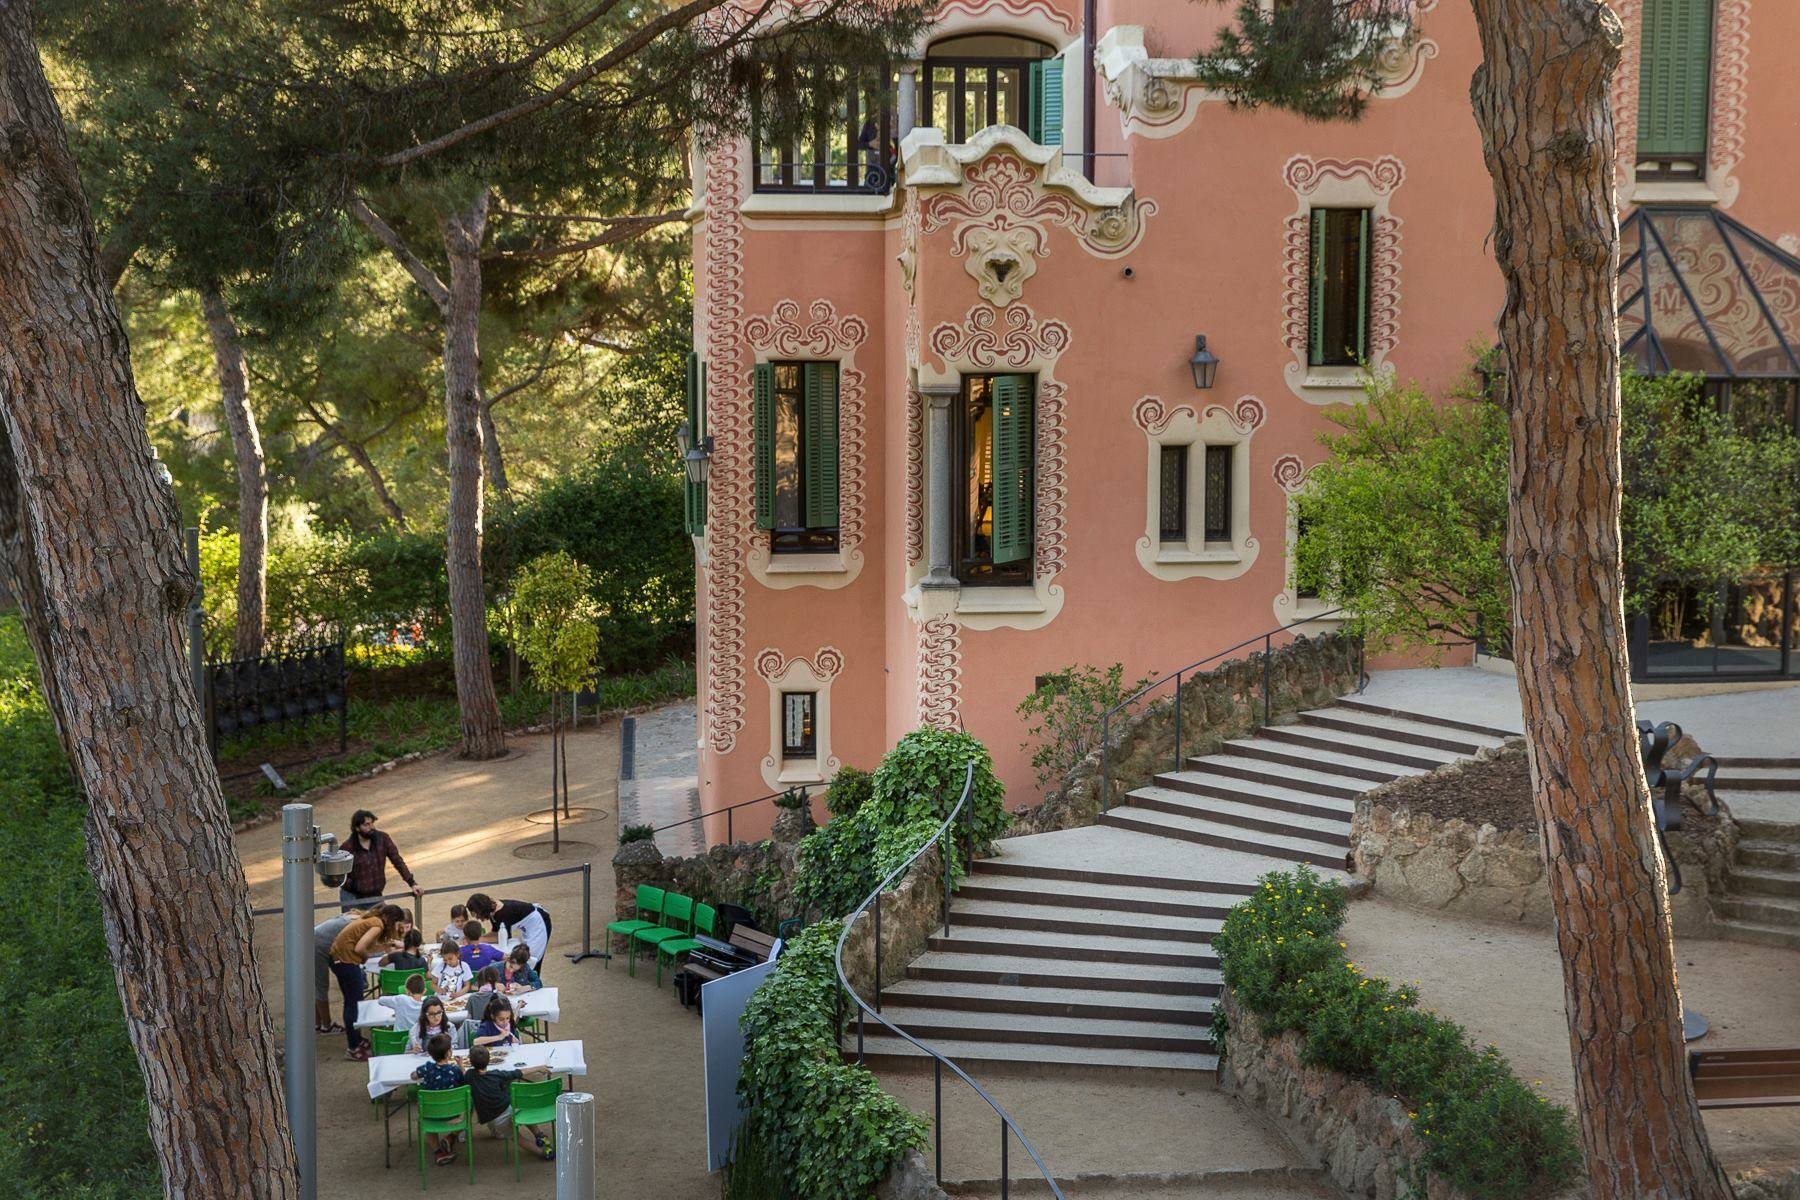 Архитектура гауди в барселоне: саграда фамилия, парк гуэль, дома гауди